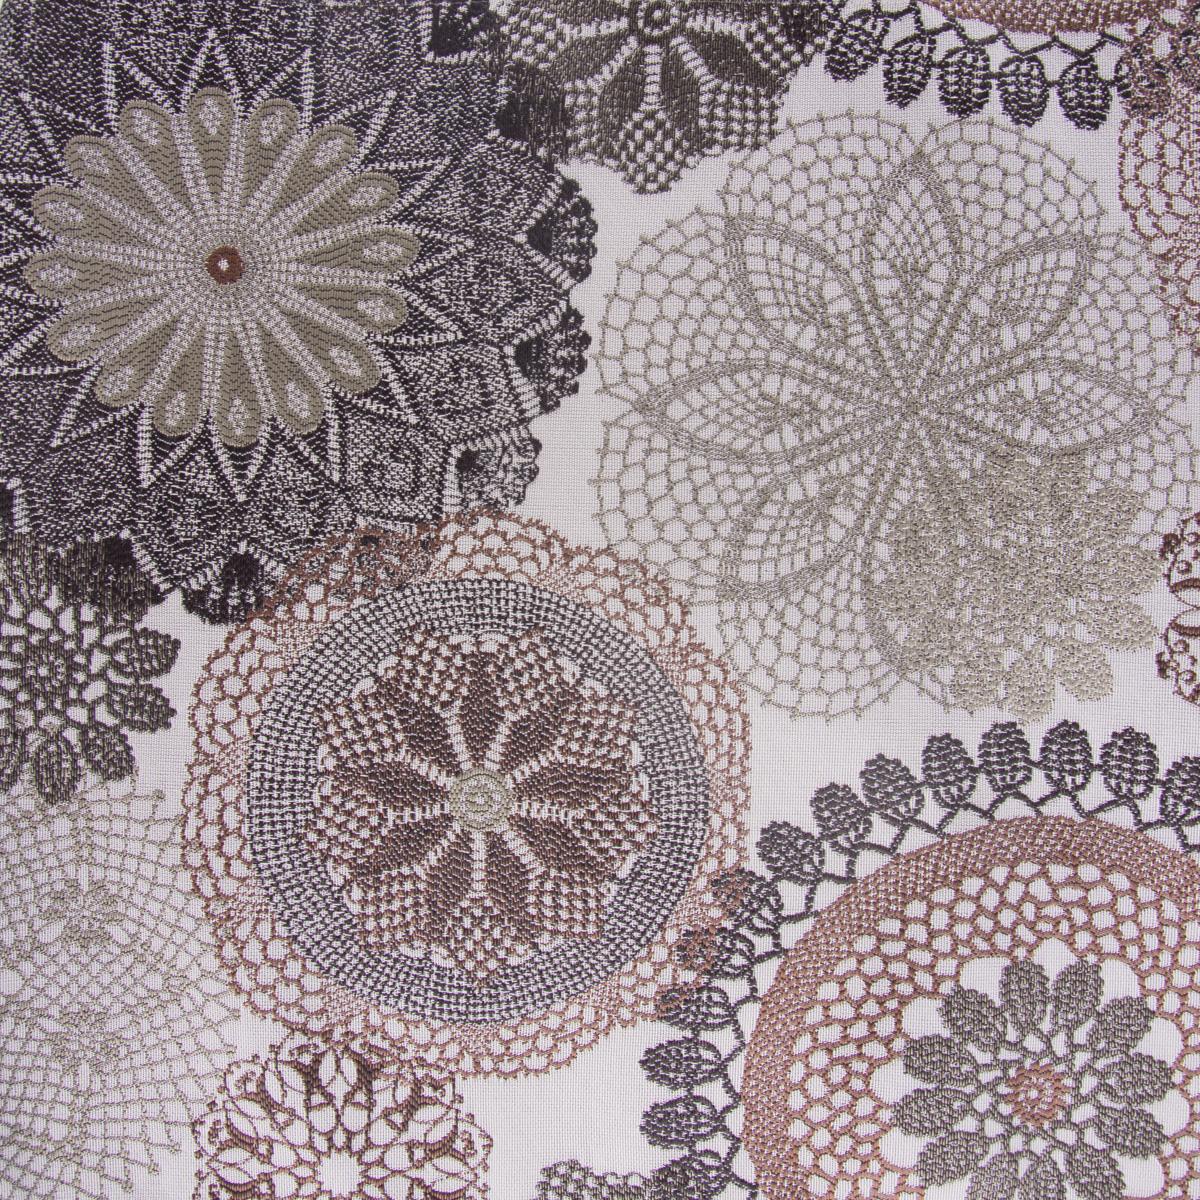 Möbelstoff Polsterstoff Dekostoff Doily Mandala Blumen mocca 1,40m Breite